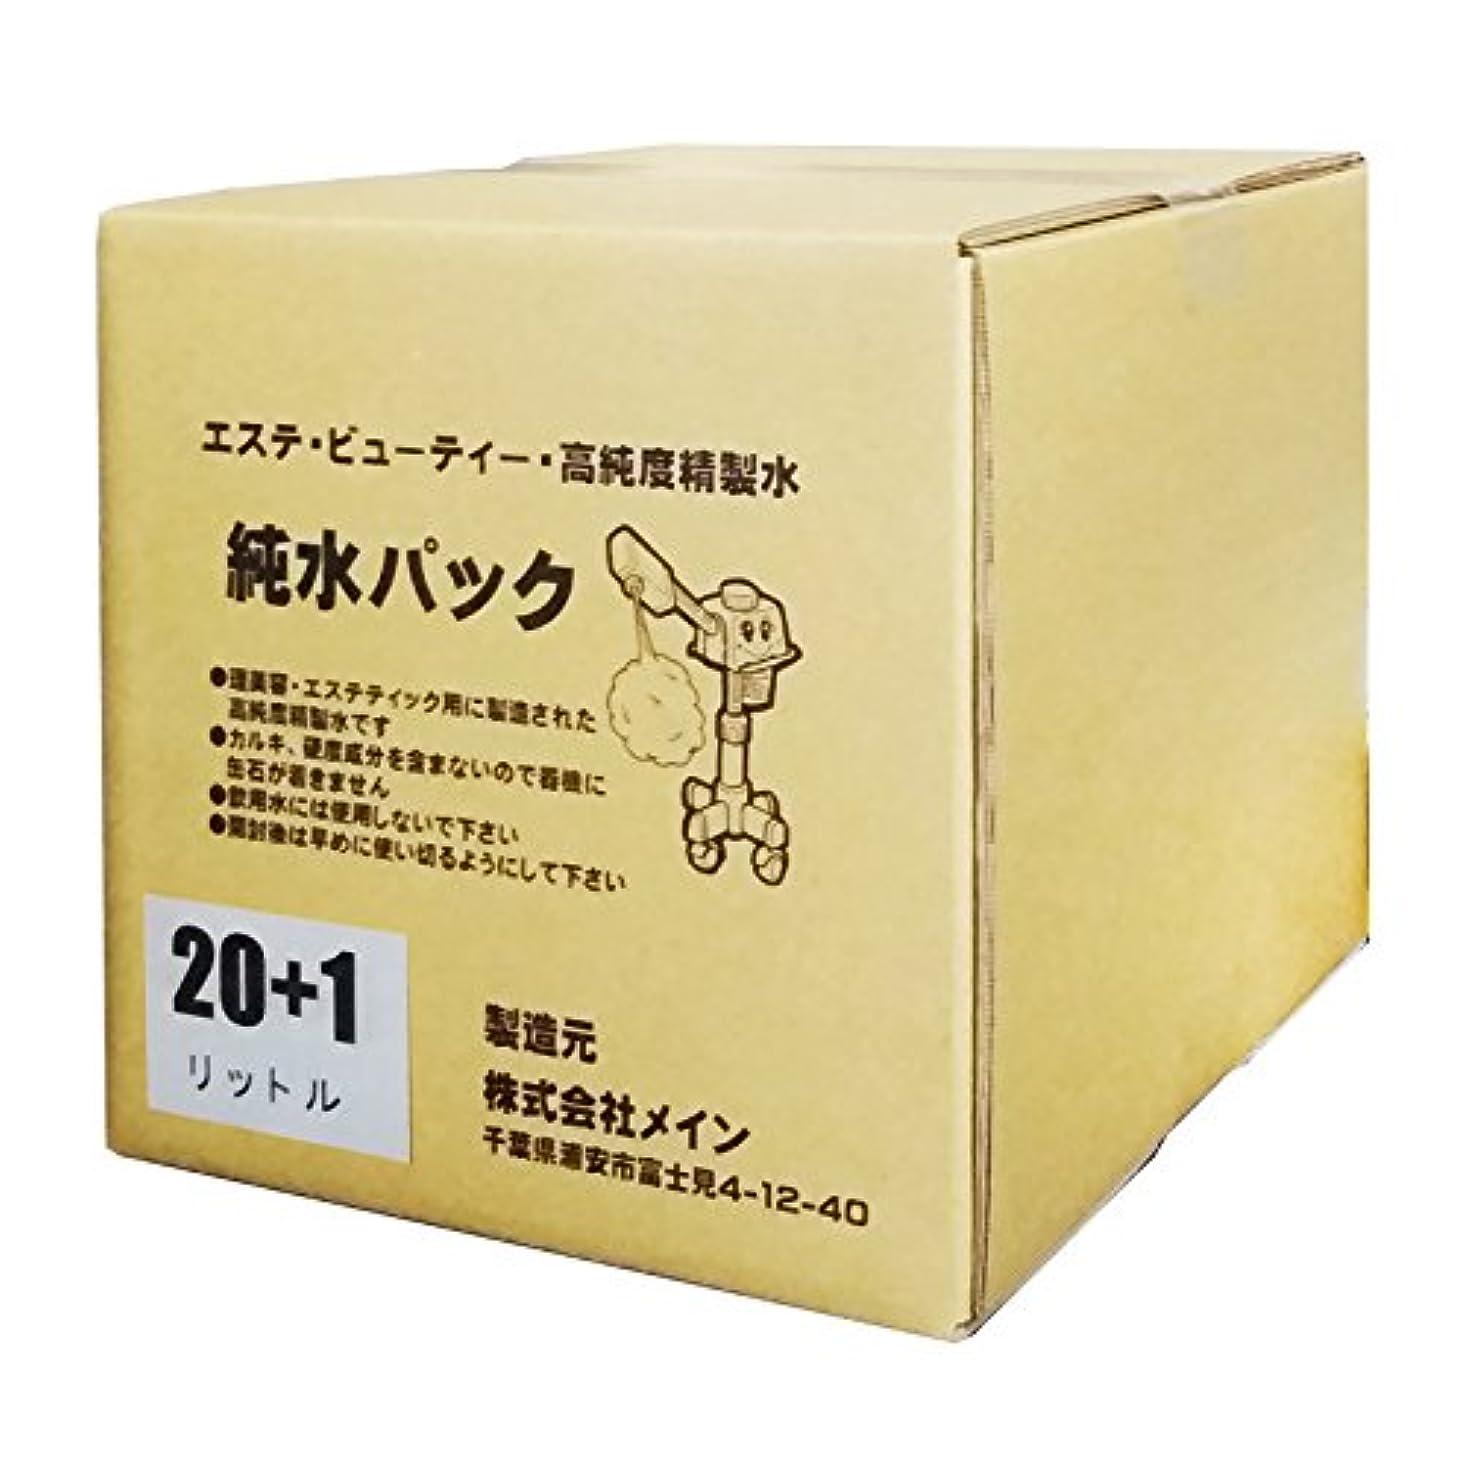 情報知り合いショップ増量中 21L 高純度 精製水 20 L + 1L 純水パック コック付 日本製 エステ スチーマー (1個)